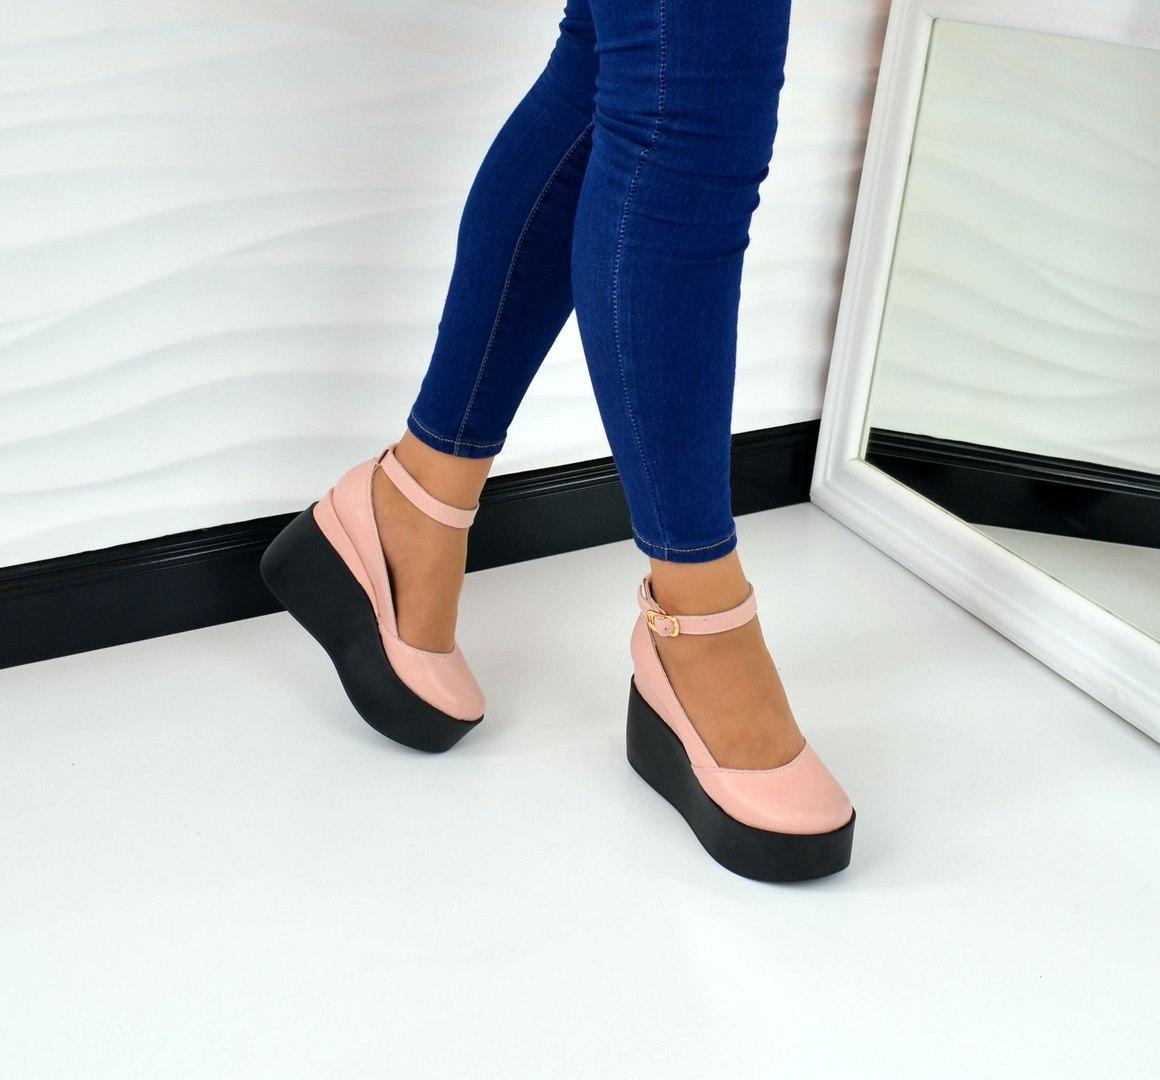 Женские туфли на танкетке с закрытым носком с пряжкой, материал полностью натуральная  кожа. Цвет ca48eb6d736